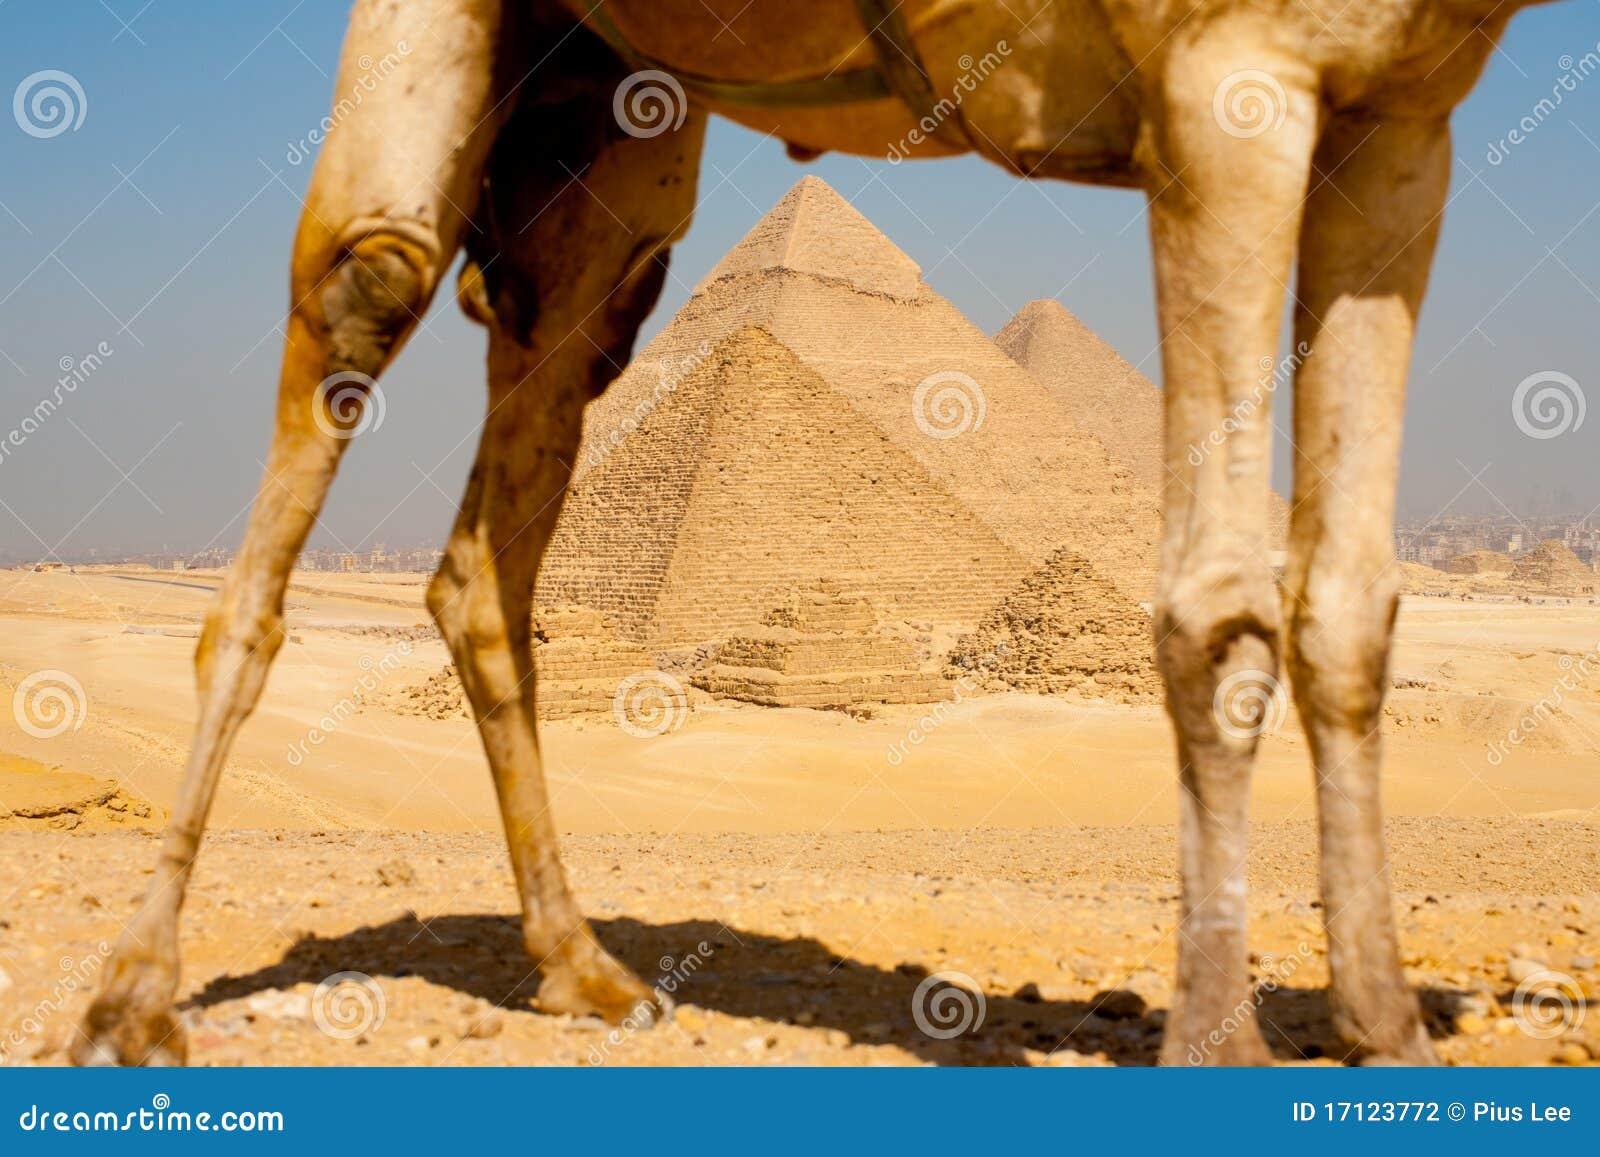 Pyramiden gestaltet durch Kamel-Fahrwerkbeine